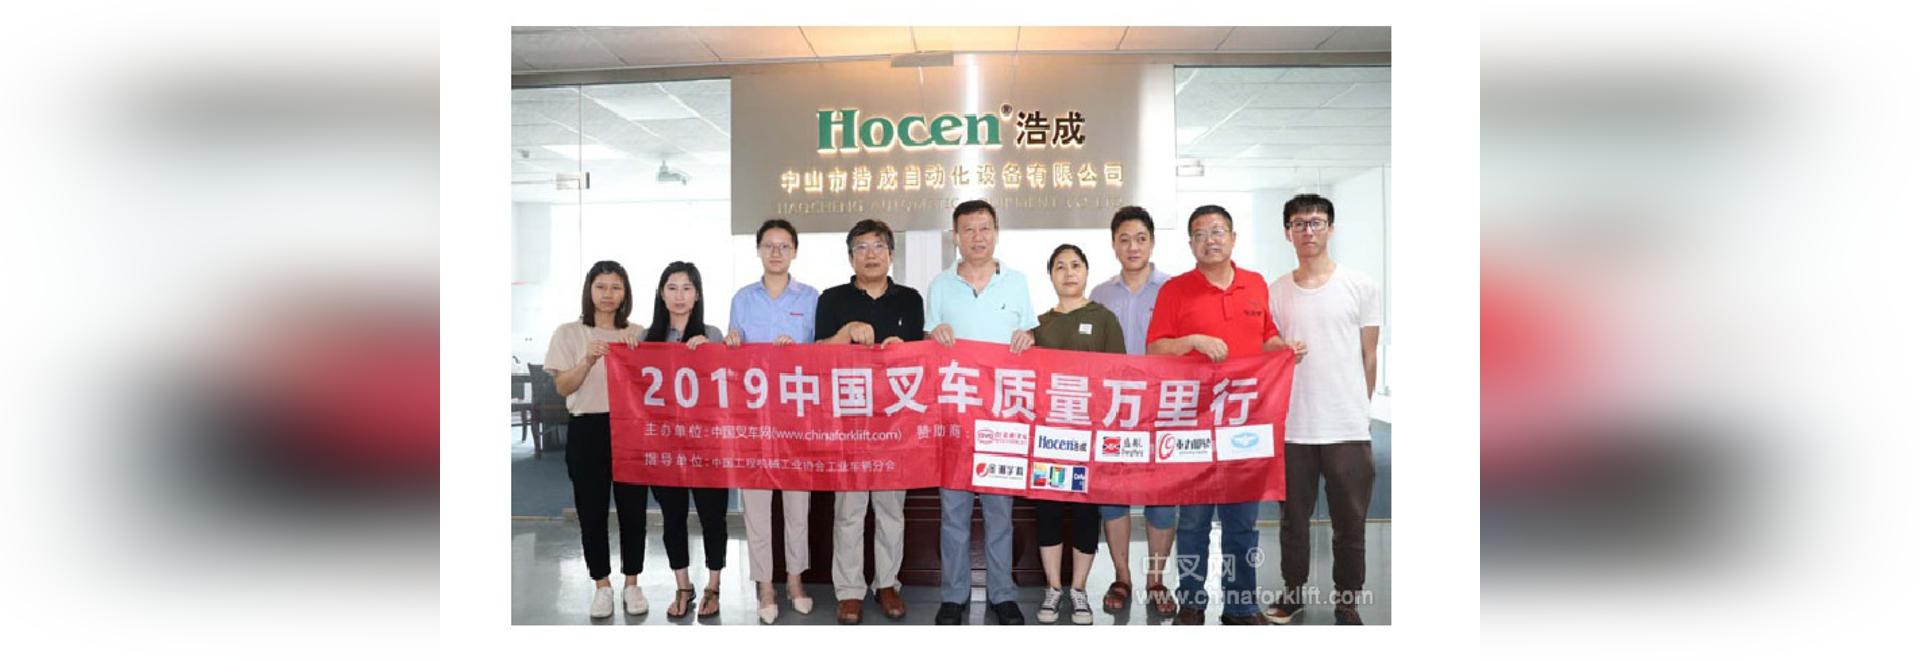 2019 China Gabelstapler Langer Marsch in Zhongshan Haocheng